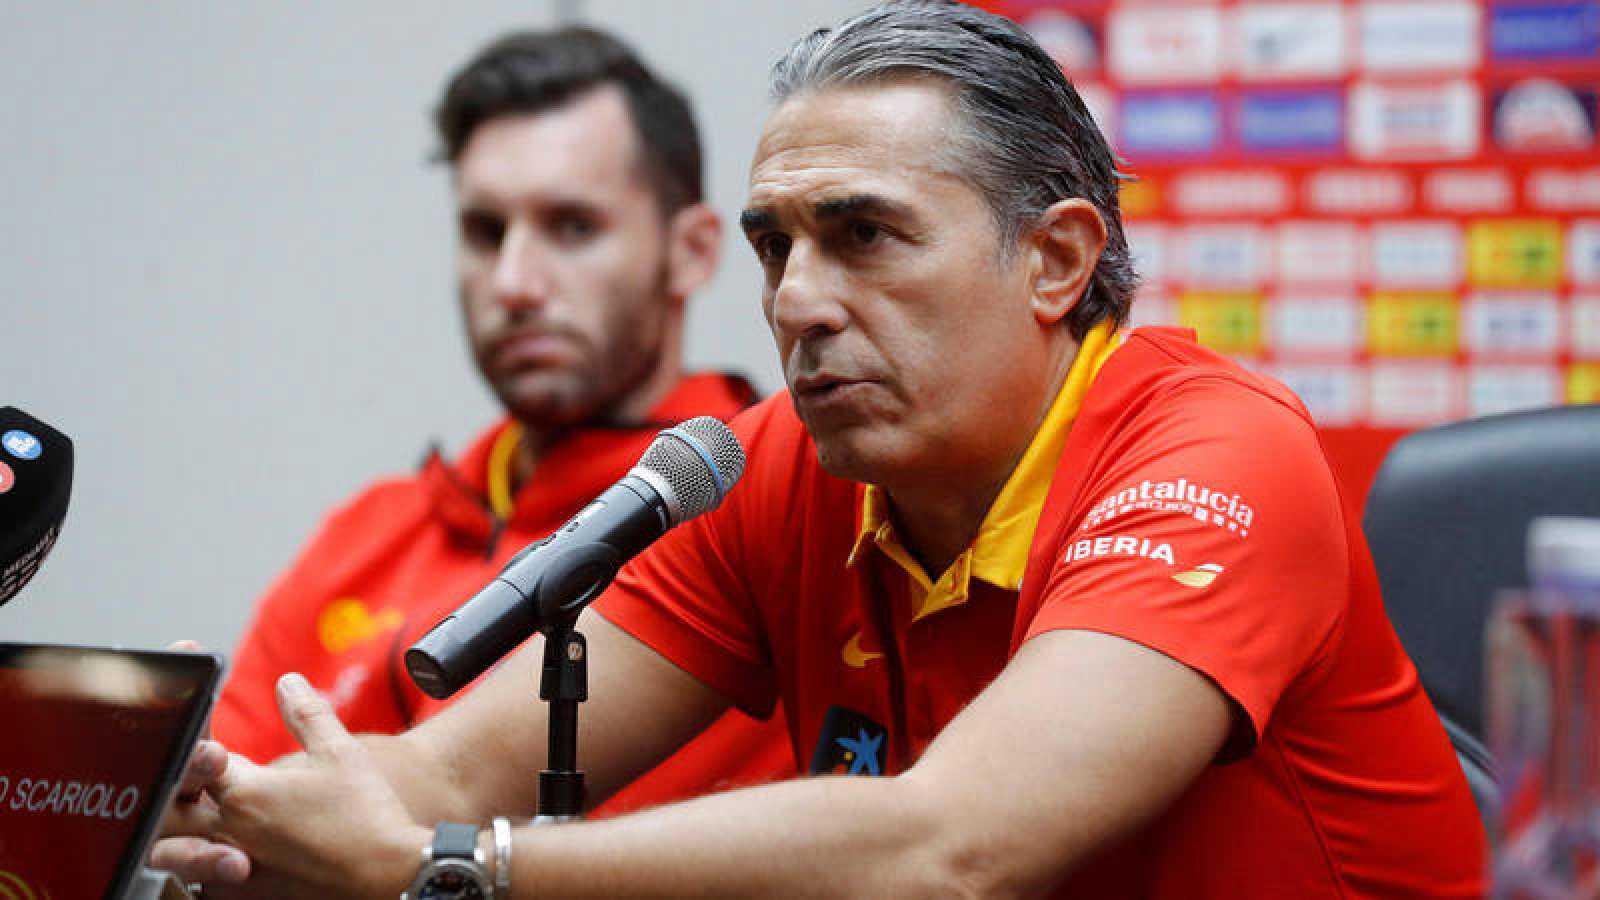 Rueda de prensa de la selección, con Sergio Scariolo al frente.